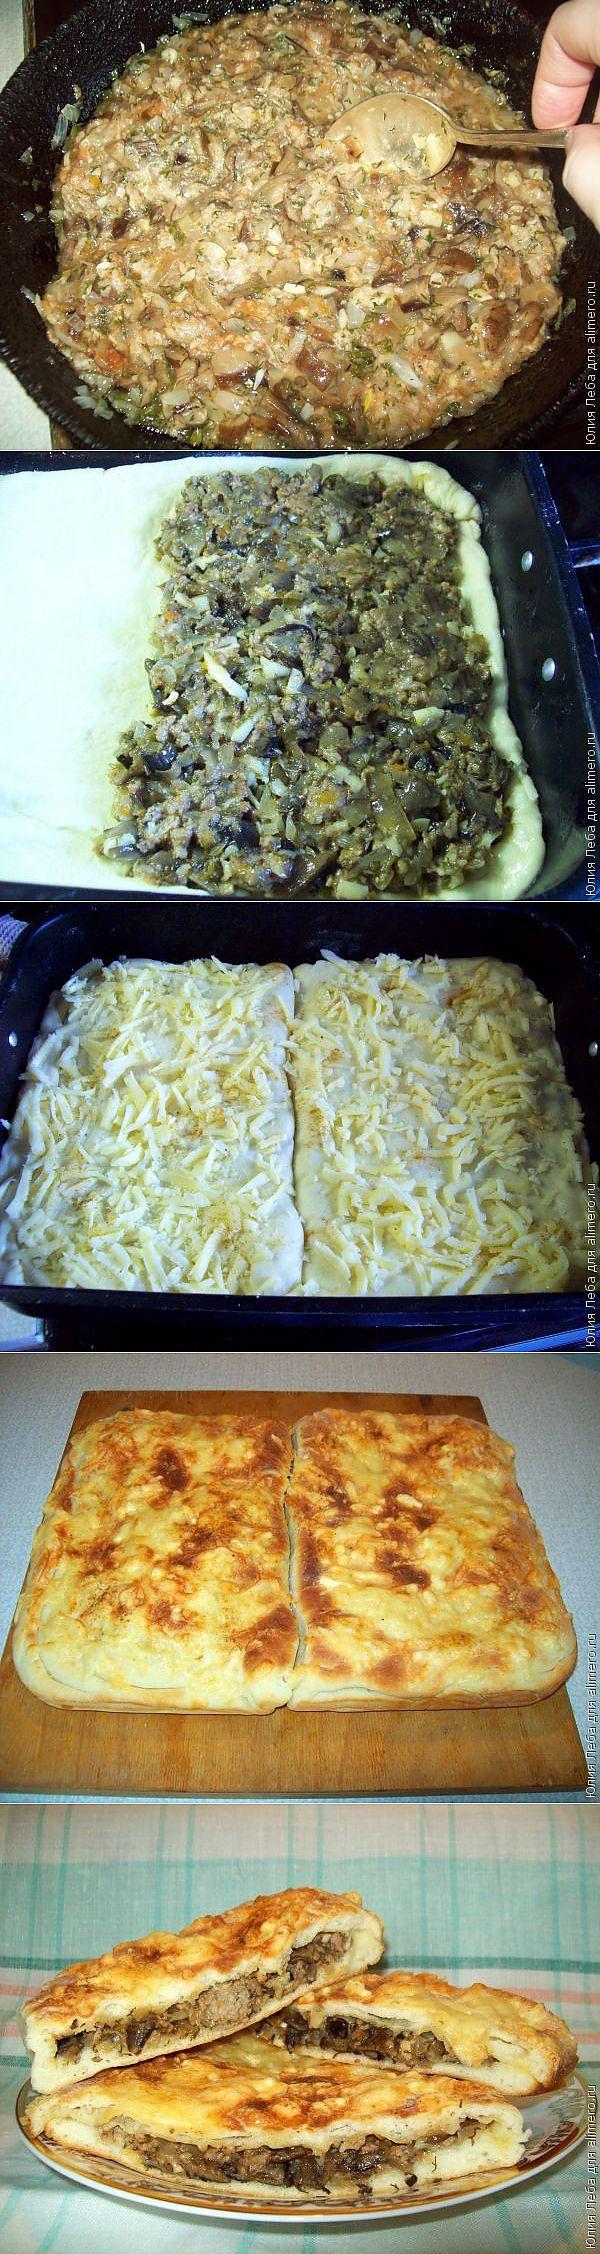 рецепт пиццы в духовке из дрожжевого теста